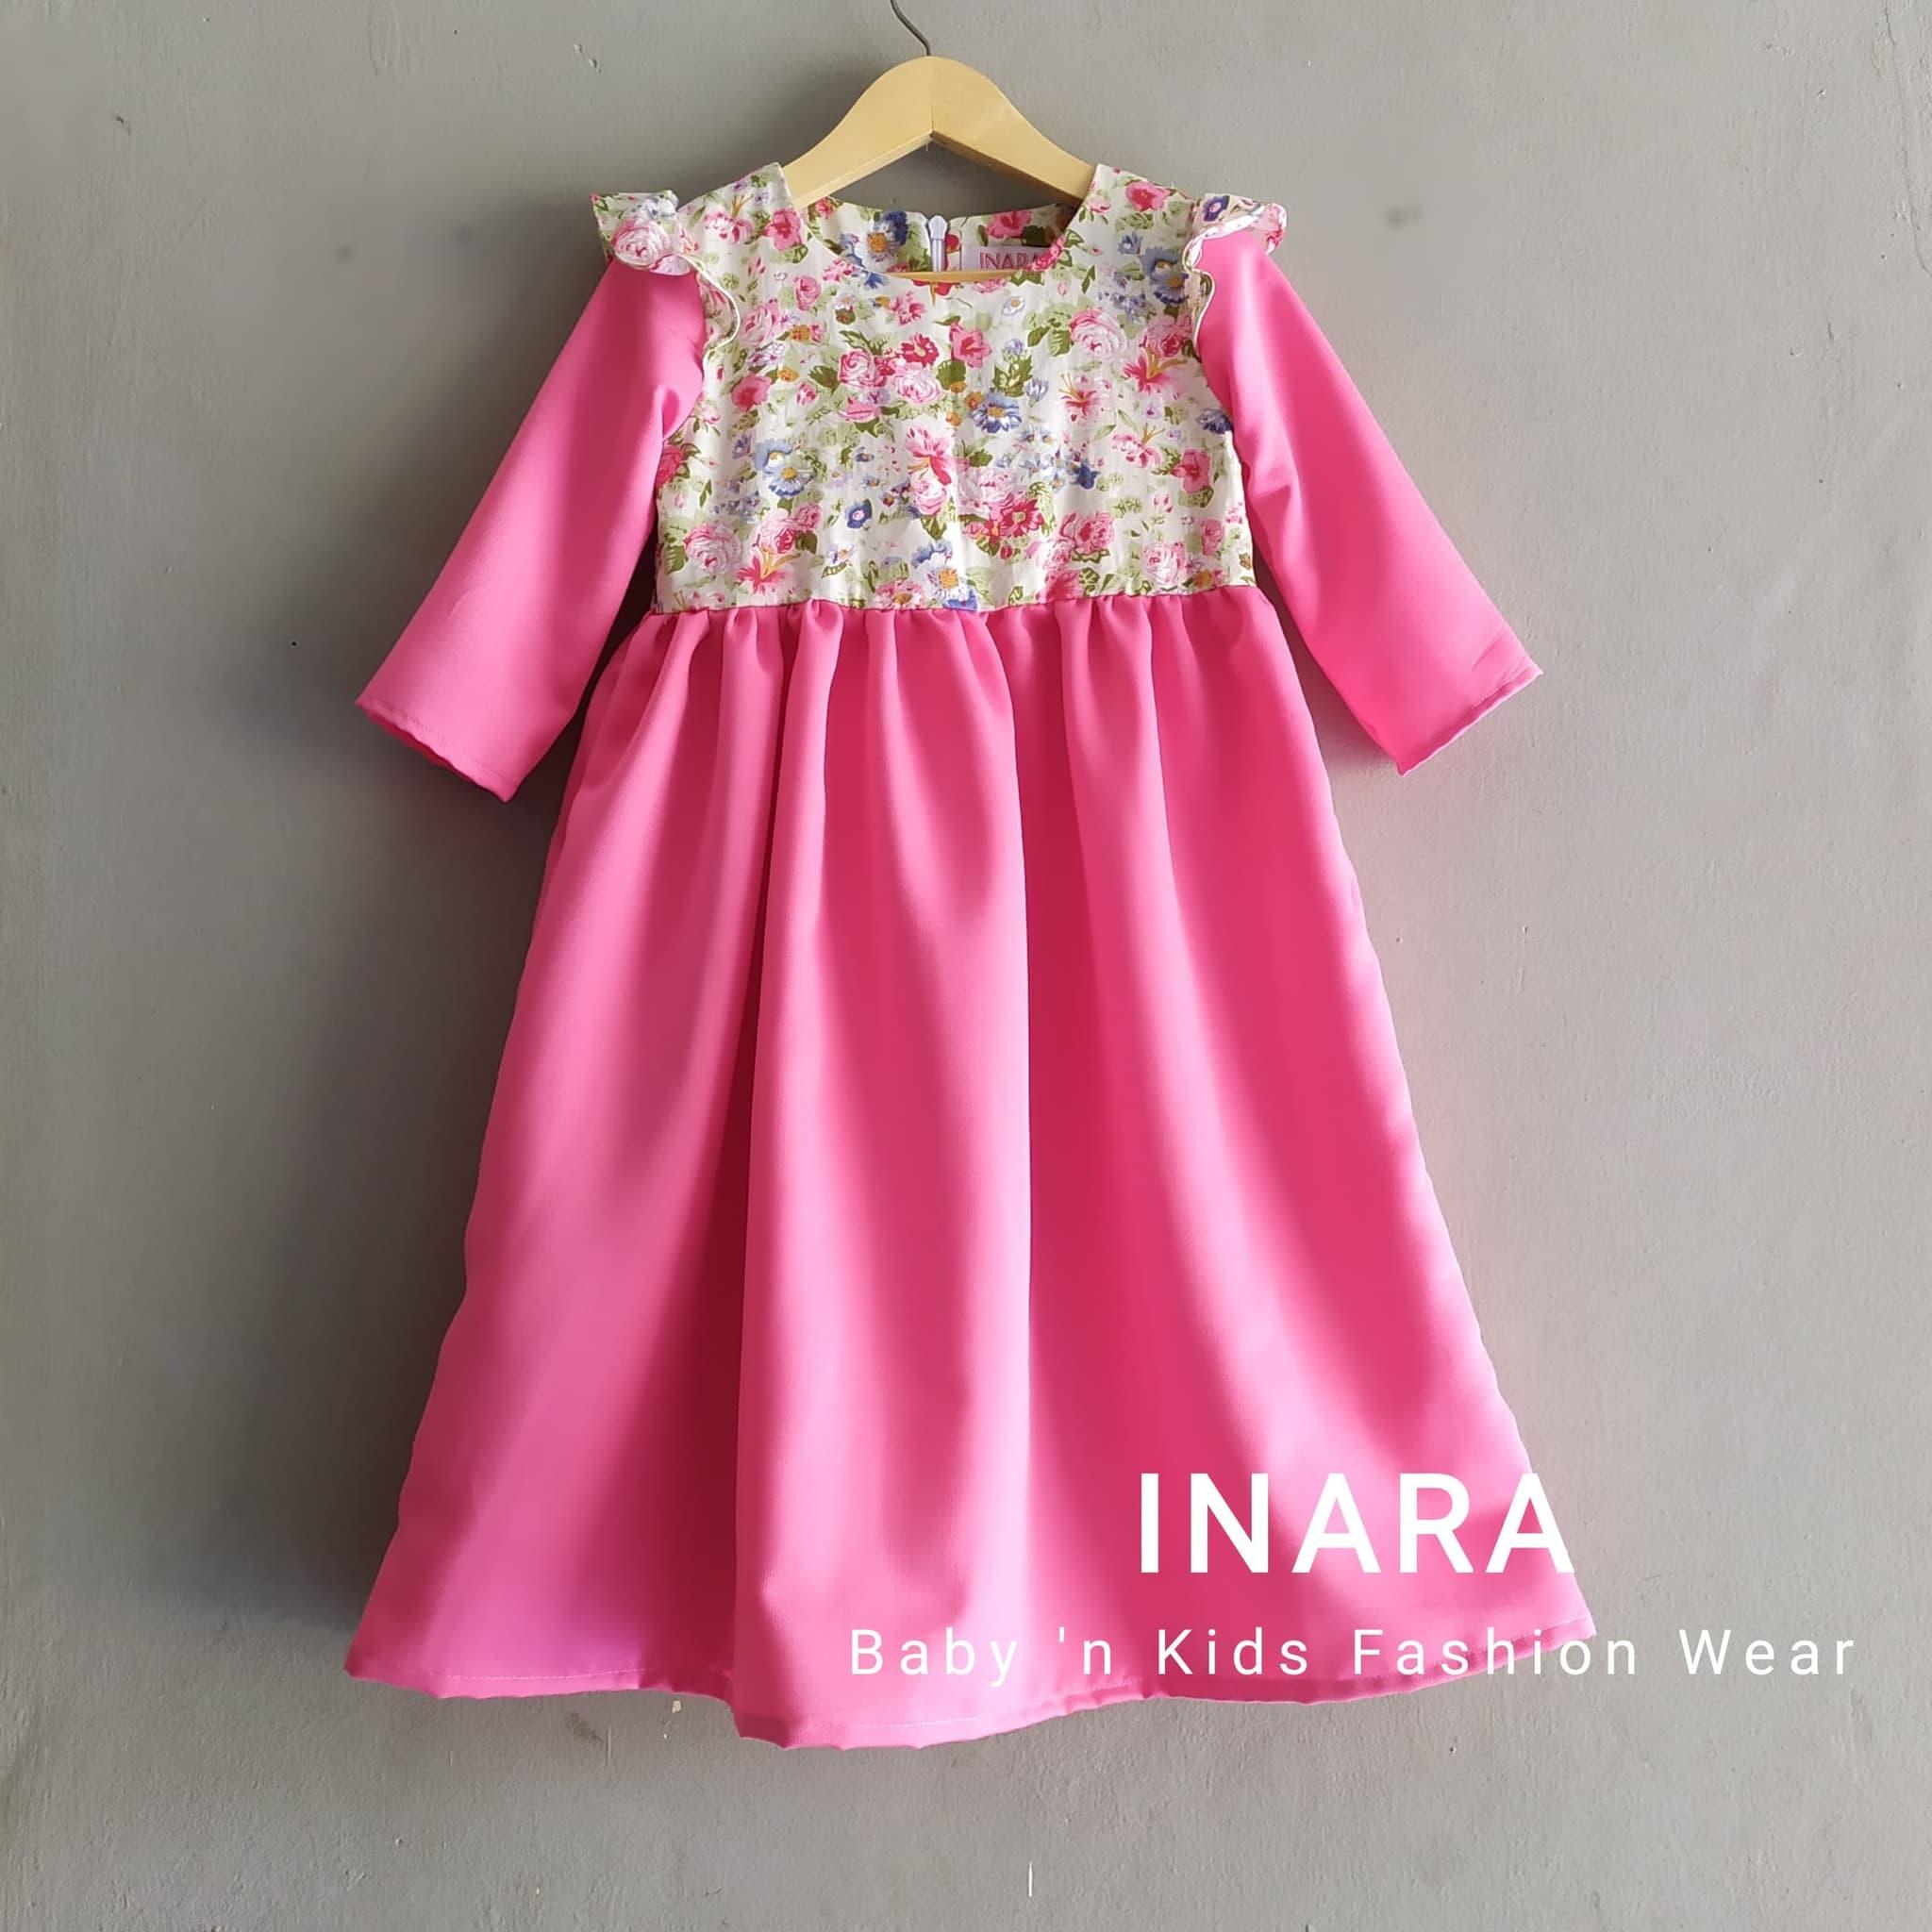 Jual Baju gamis anak floral - Size 8-8 Tahun - Kab. Tangerang